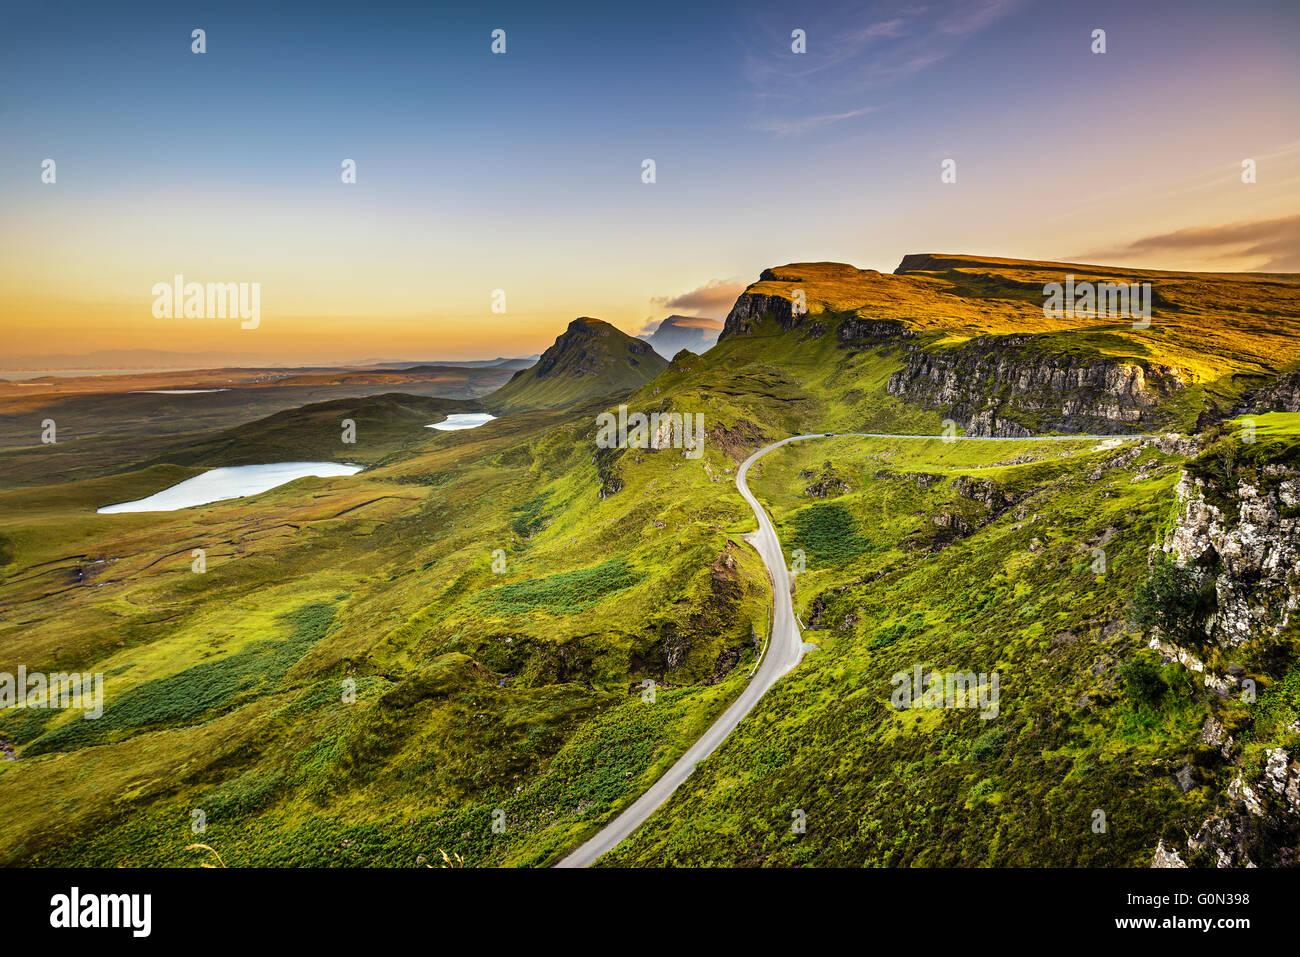 Quiraing montañas atardecer en la Isla de Skye, en las tierras altas de Escocia, Reino Unido Imagen De Stock